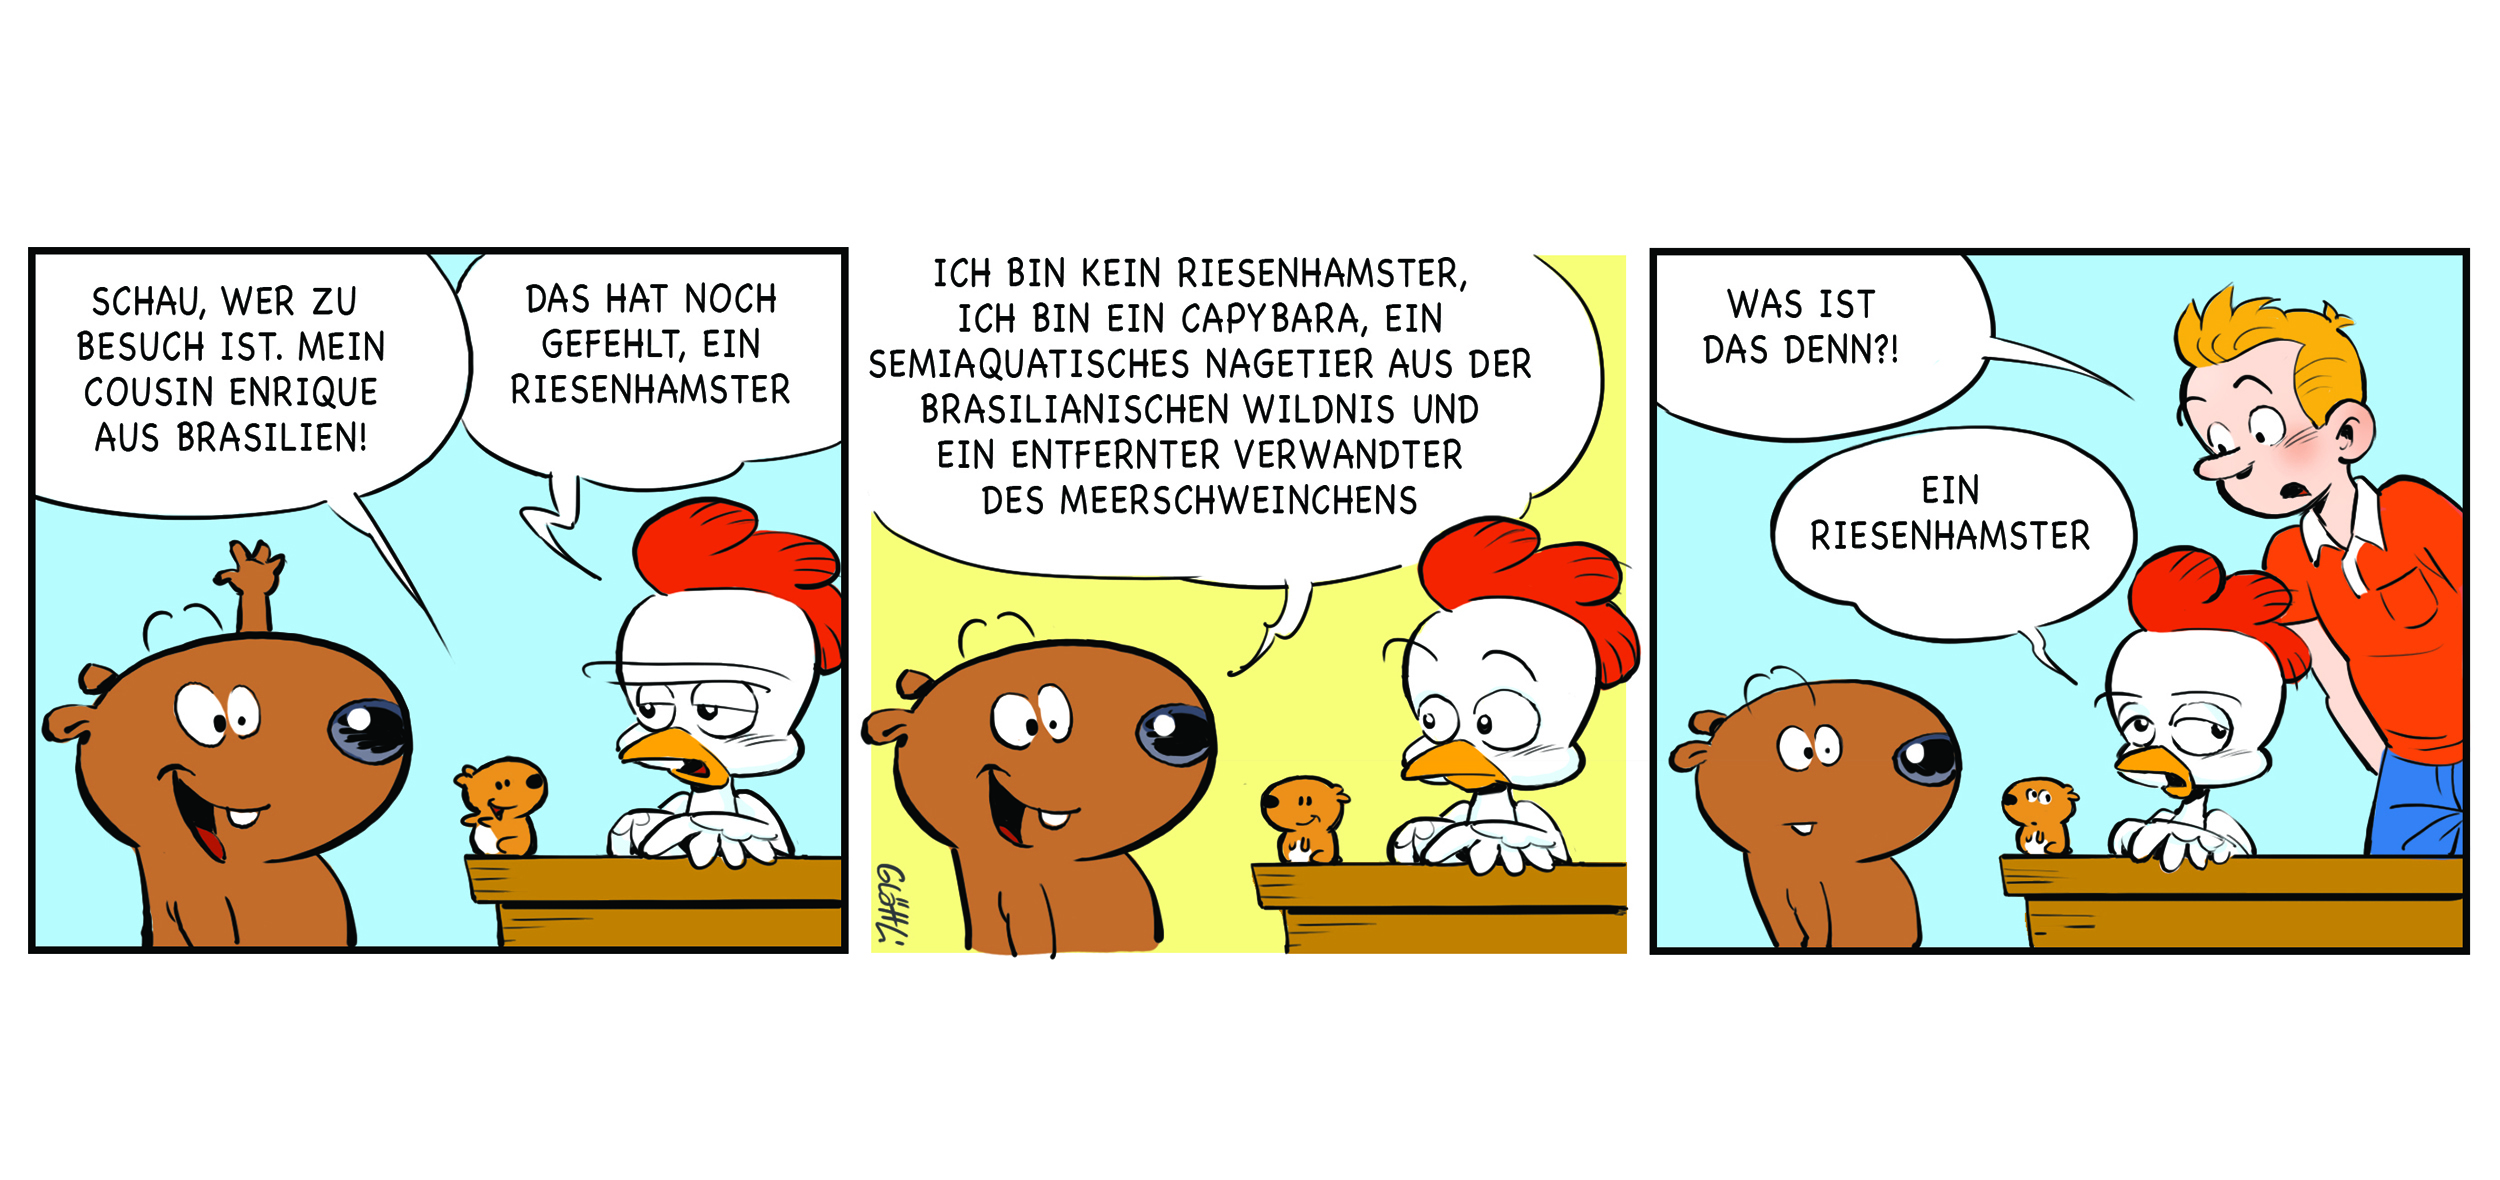 Chicken_Riesenhamster.jpg